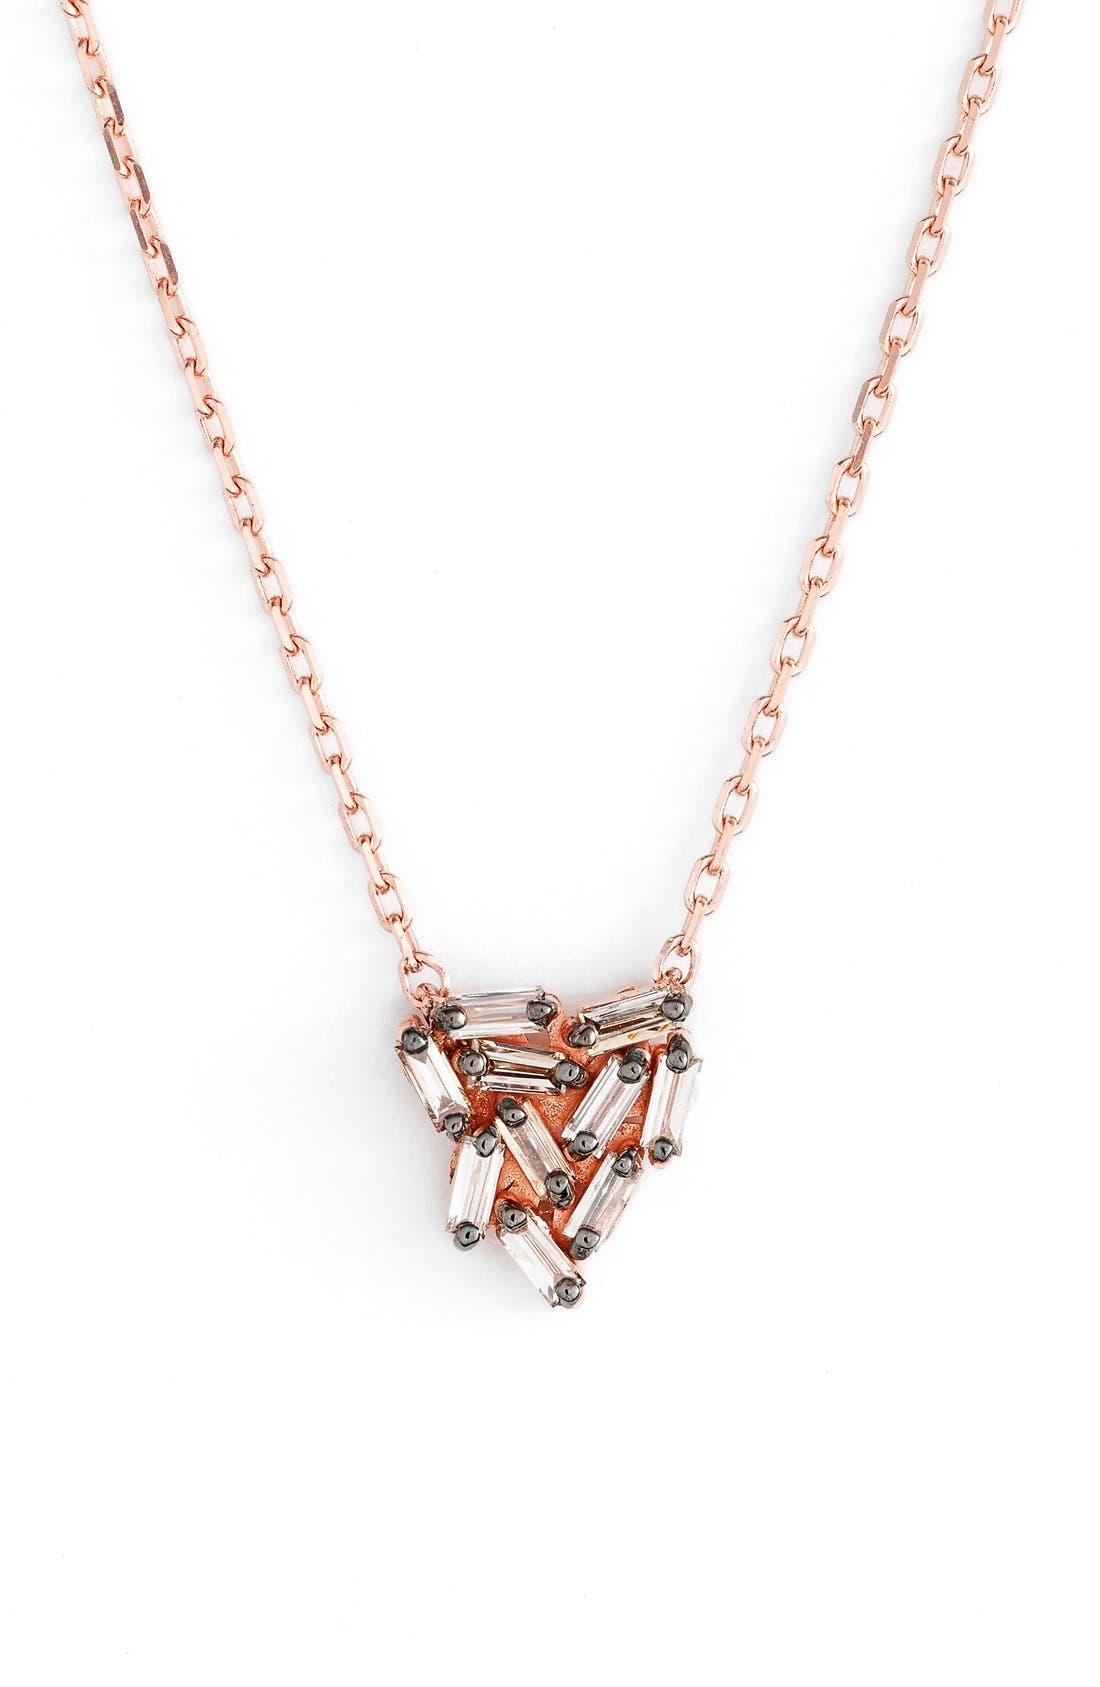 Suzanne Kalan 'Fireworks' Diamond Baguette Mini Triangle Pendant Necklace